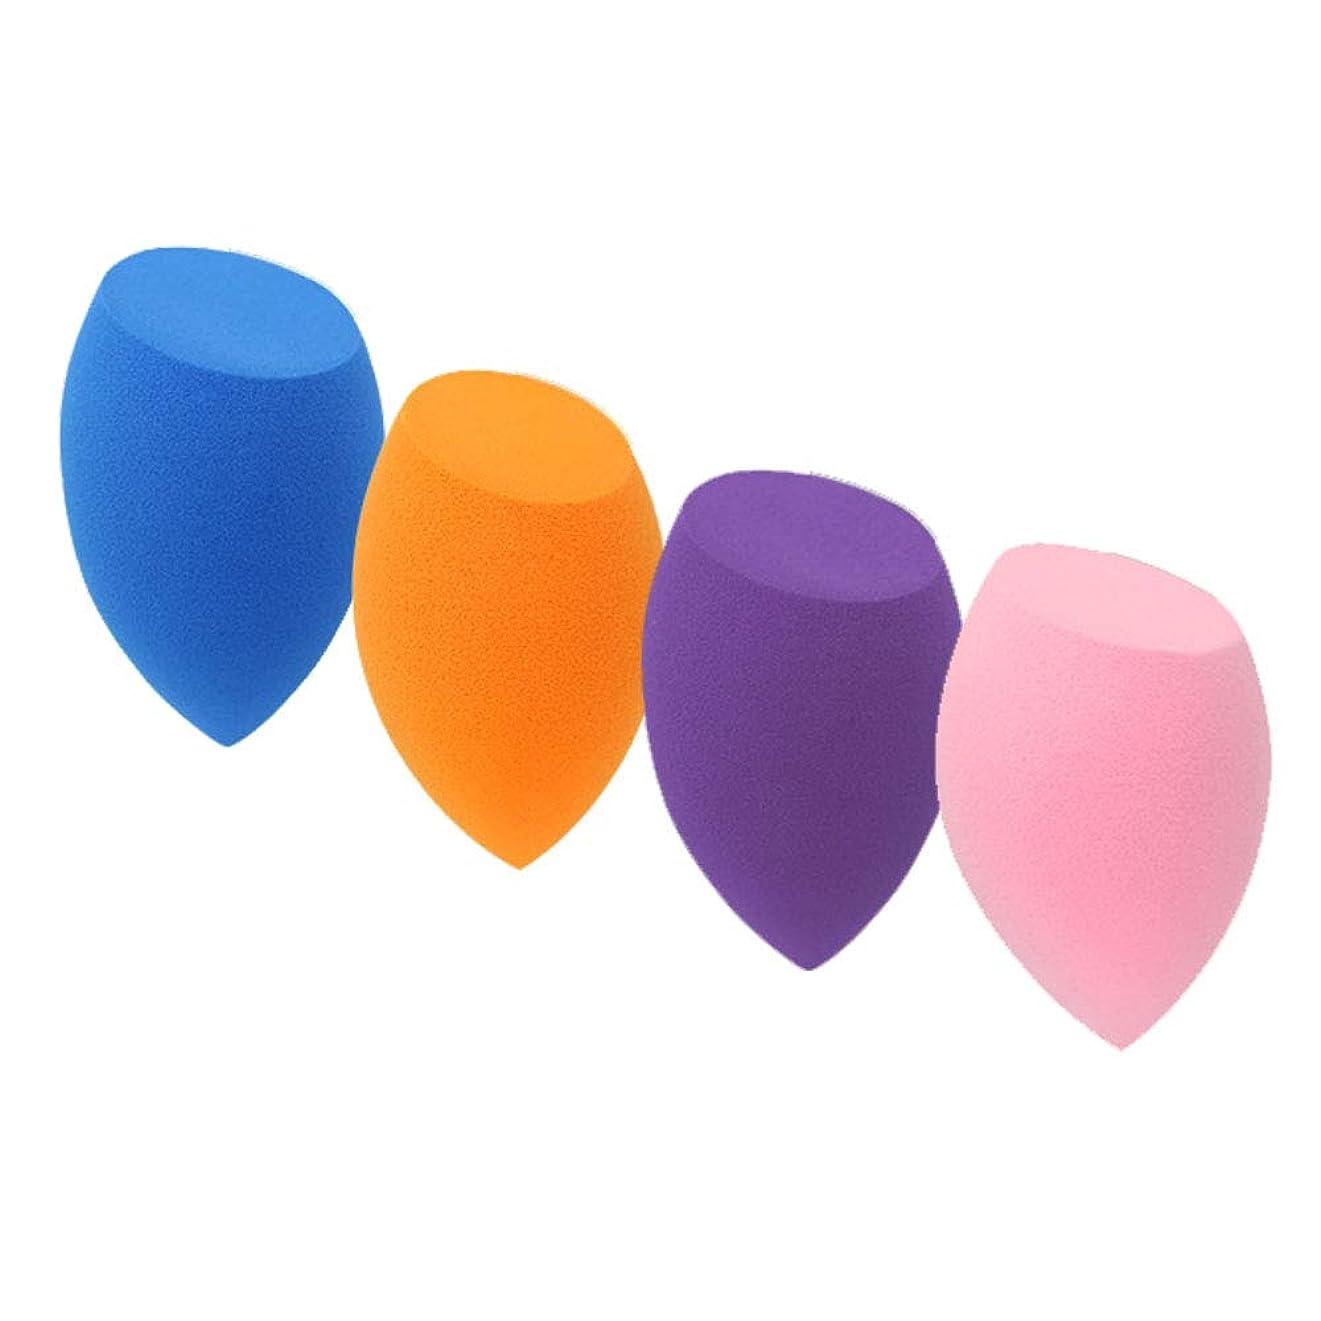 夜間確立つかむSUPER DREAM メイクスポンジ 4個セット 立体カット型 化粧 スポンジ 斜めカット 3Dスポンジ パフ フェイシャルスポンジ 親水性ポリウレタン メイクアップスポンジ 湿乾両用 ファンデーション 使い捨て 水洗い 何度も使える